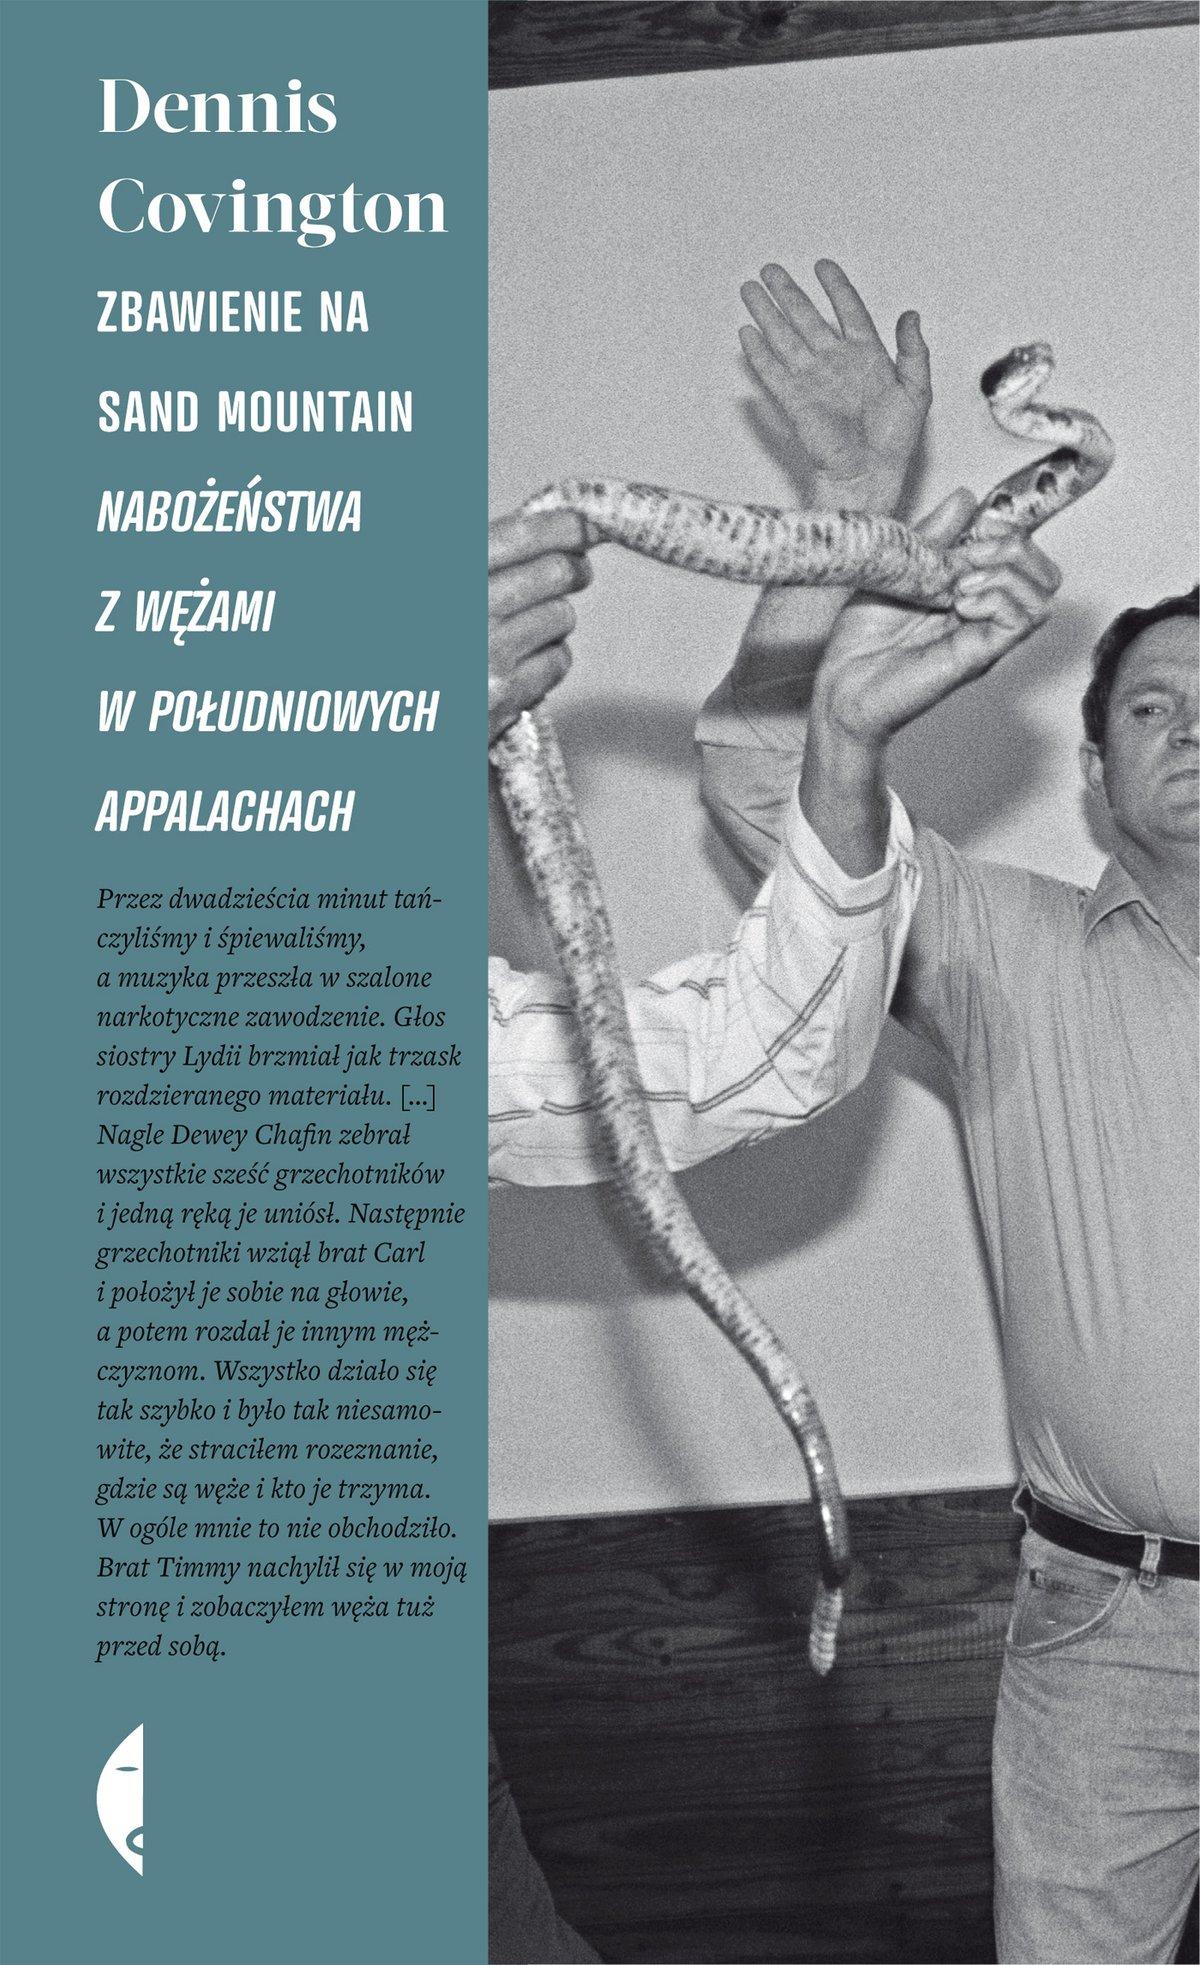 Zbawienie na Sand Mountain - Ebook (Książka na Kindle) do pobrania w formacie MOBI